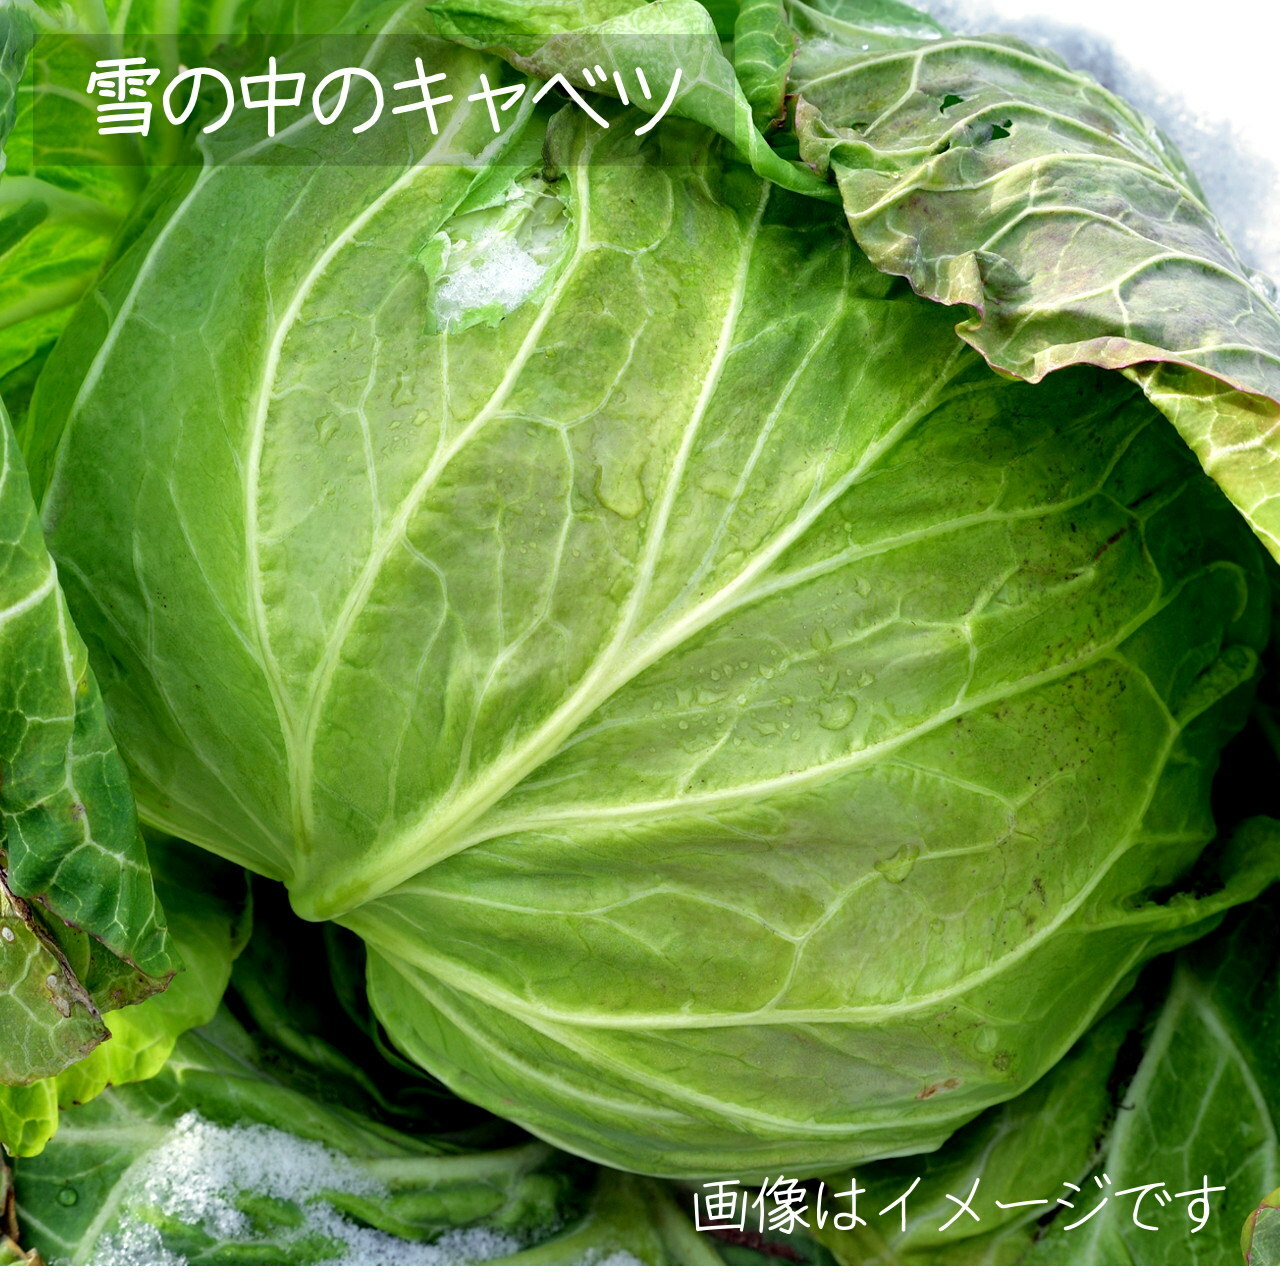 6月新鮮野菜 : キャベツ 1個 朝採り直売野菜 6月29日発送予定